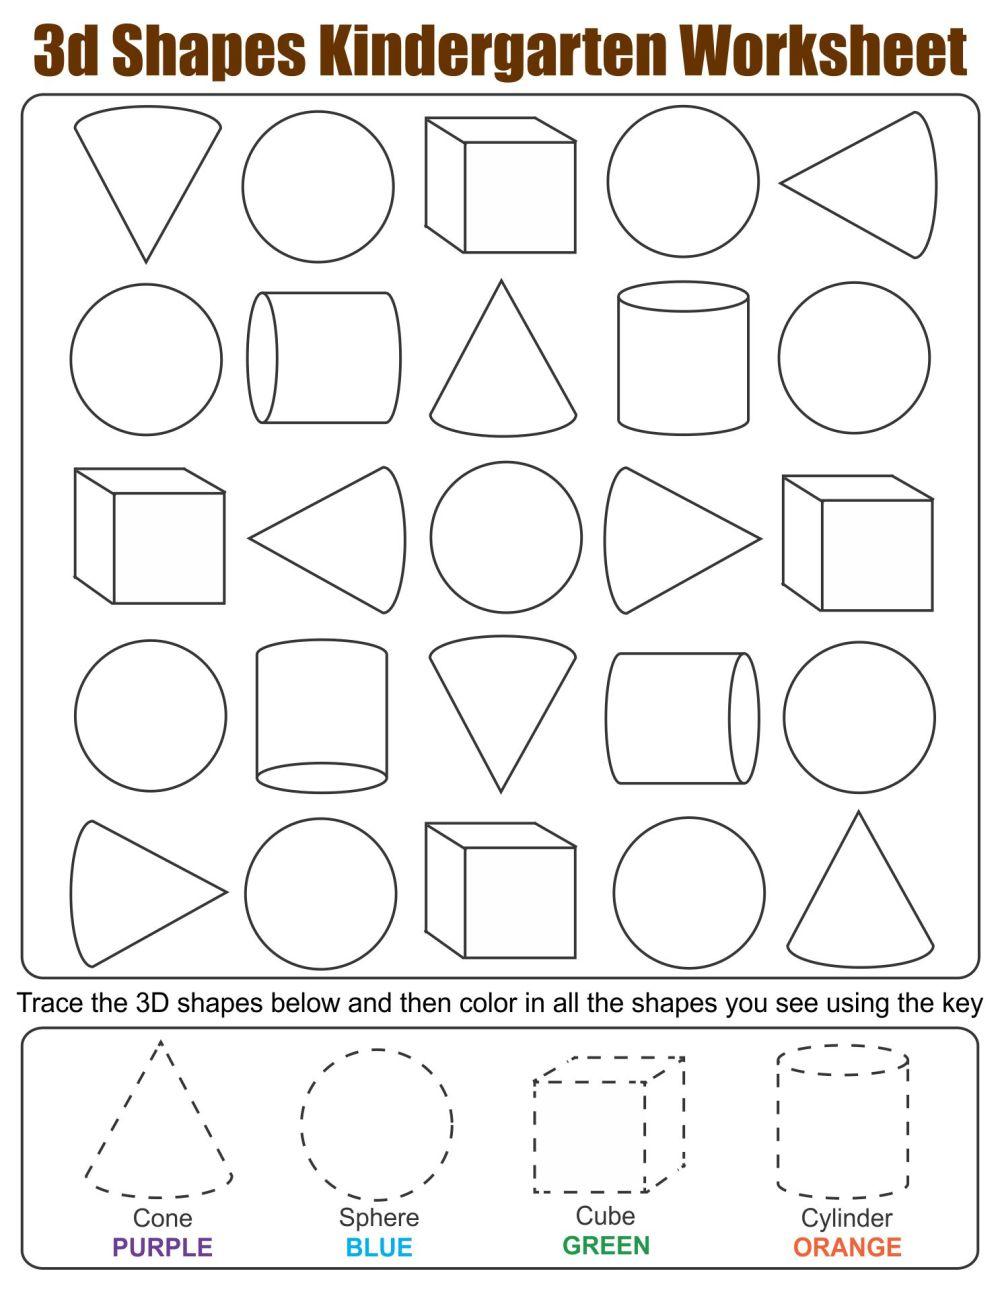 medium resolution of 4 Best 3D Shapes Worksheets Printables Kindergarten - printablee.com